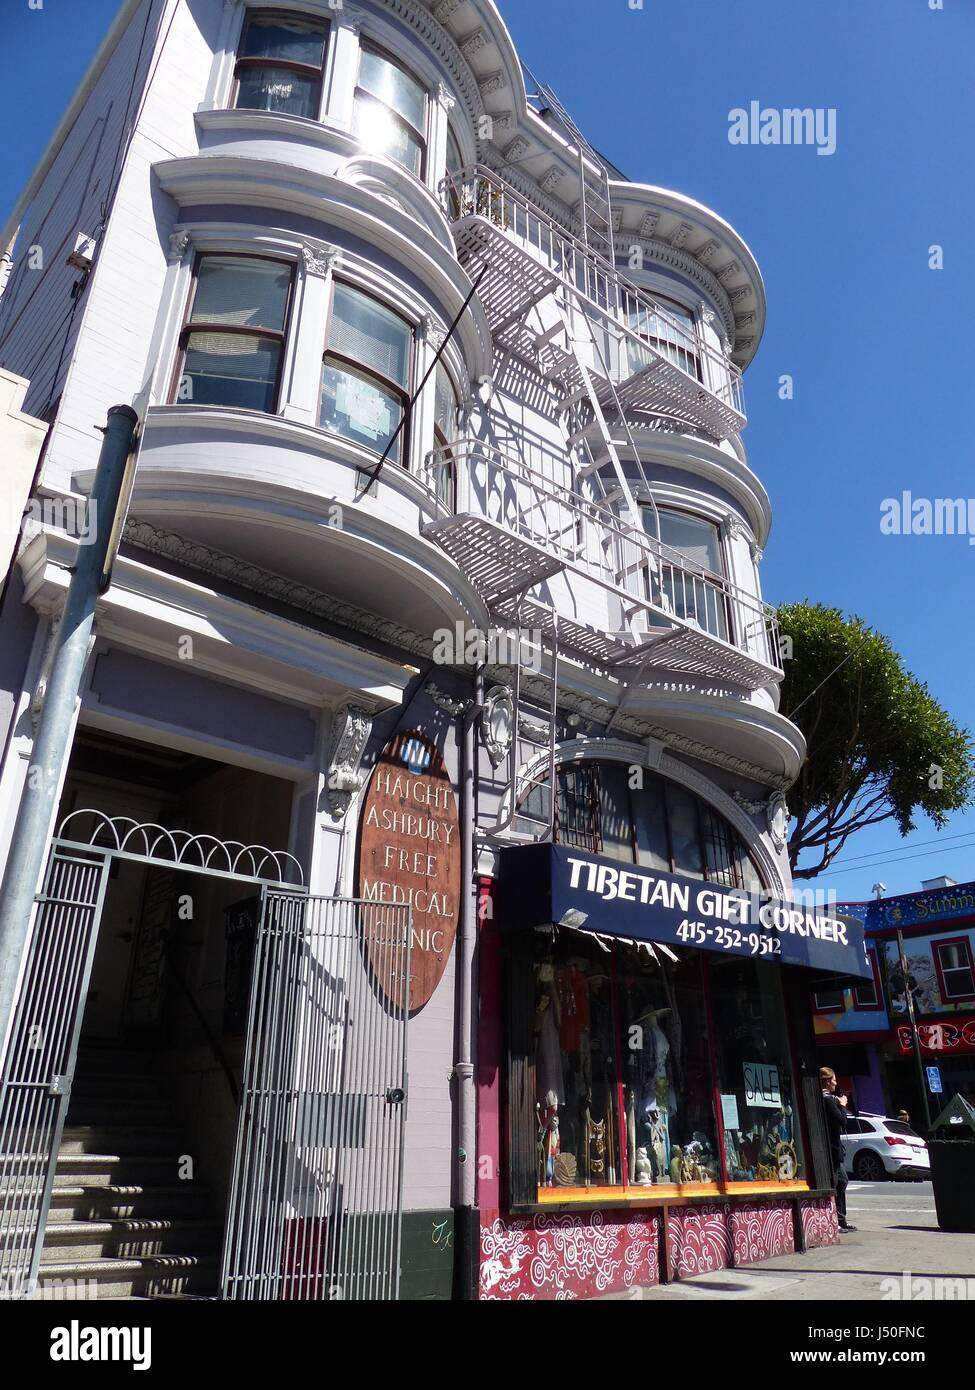 San Francisco, USA. 1st May, 2017. The Haight Ashbury Free Medical Clinic in San Francisco, USA, 1 May 2017. It - Stock Image